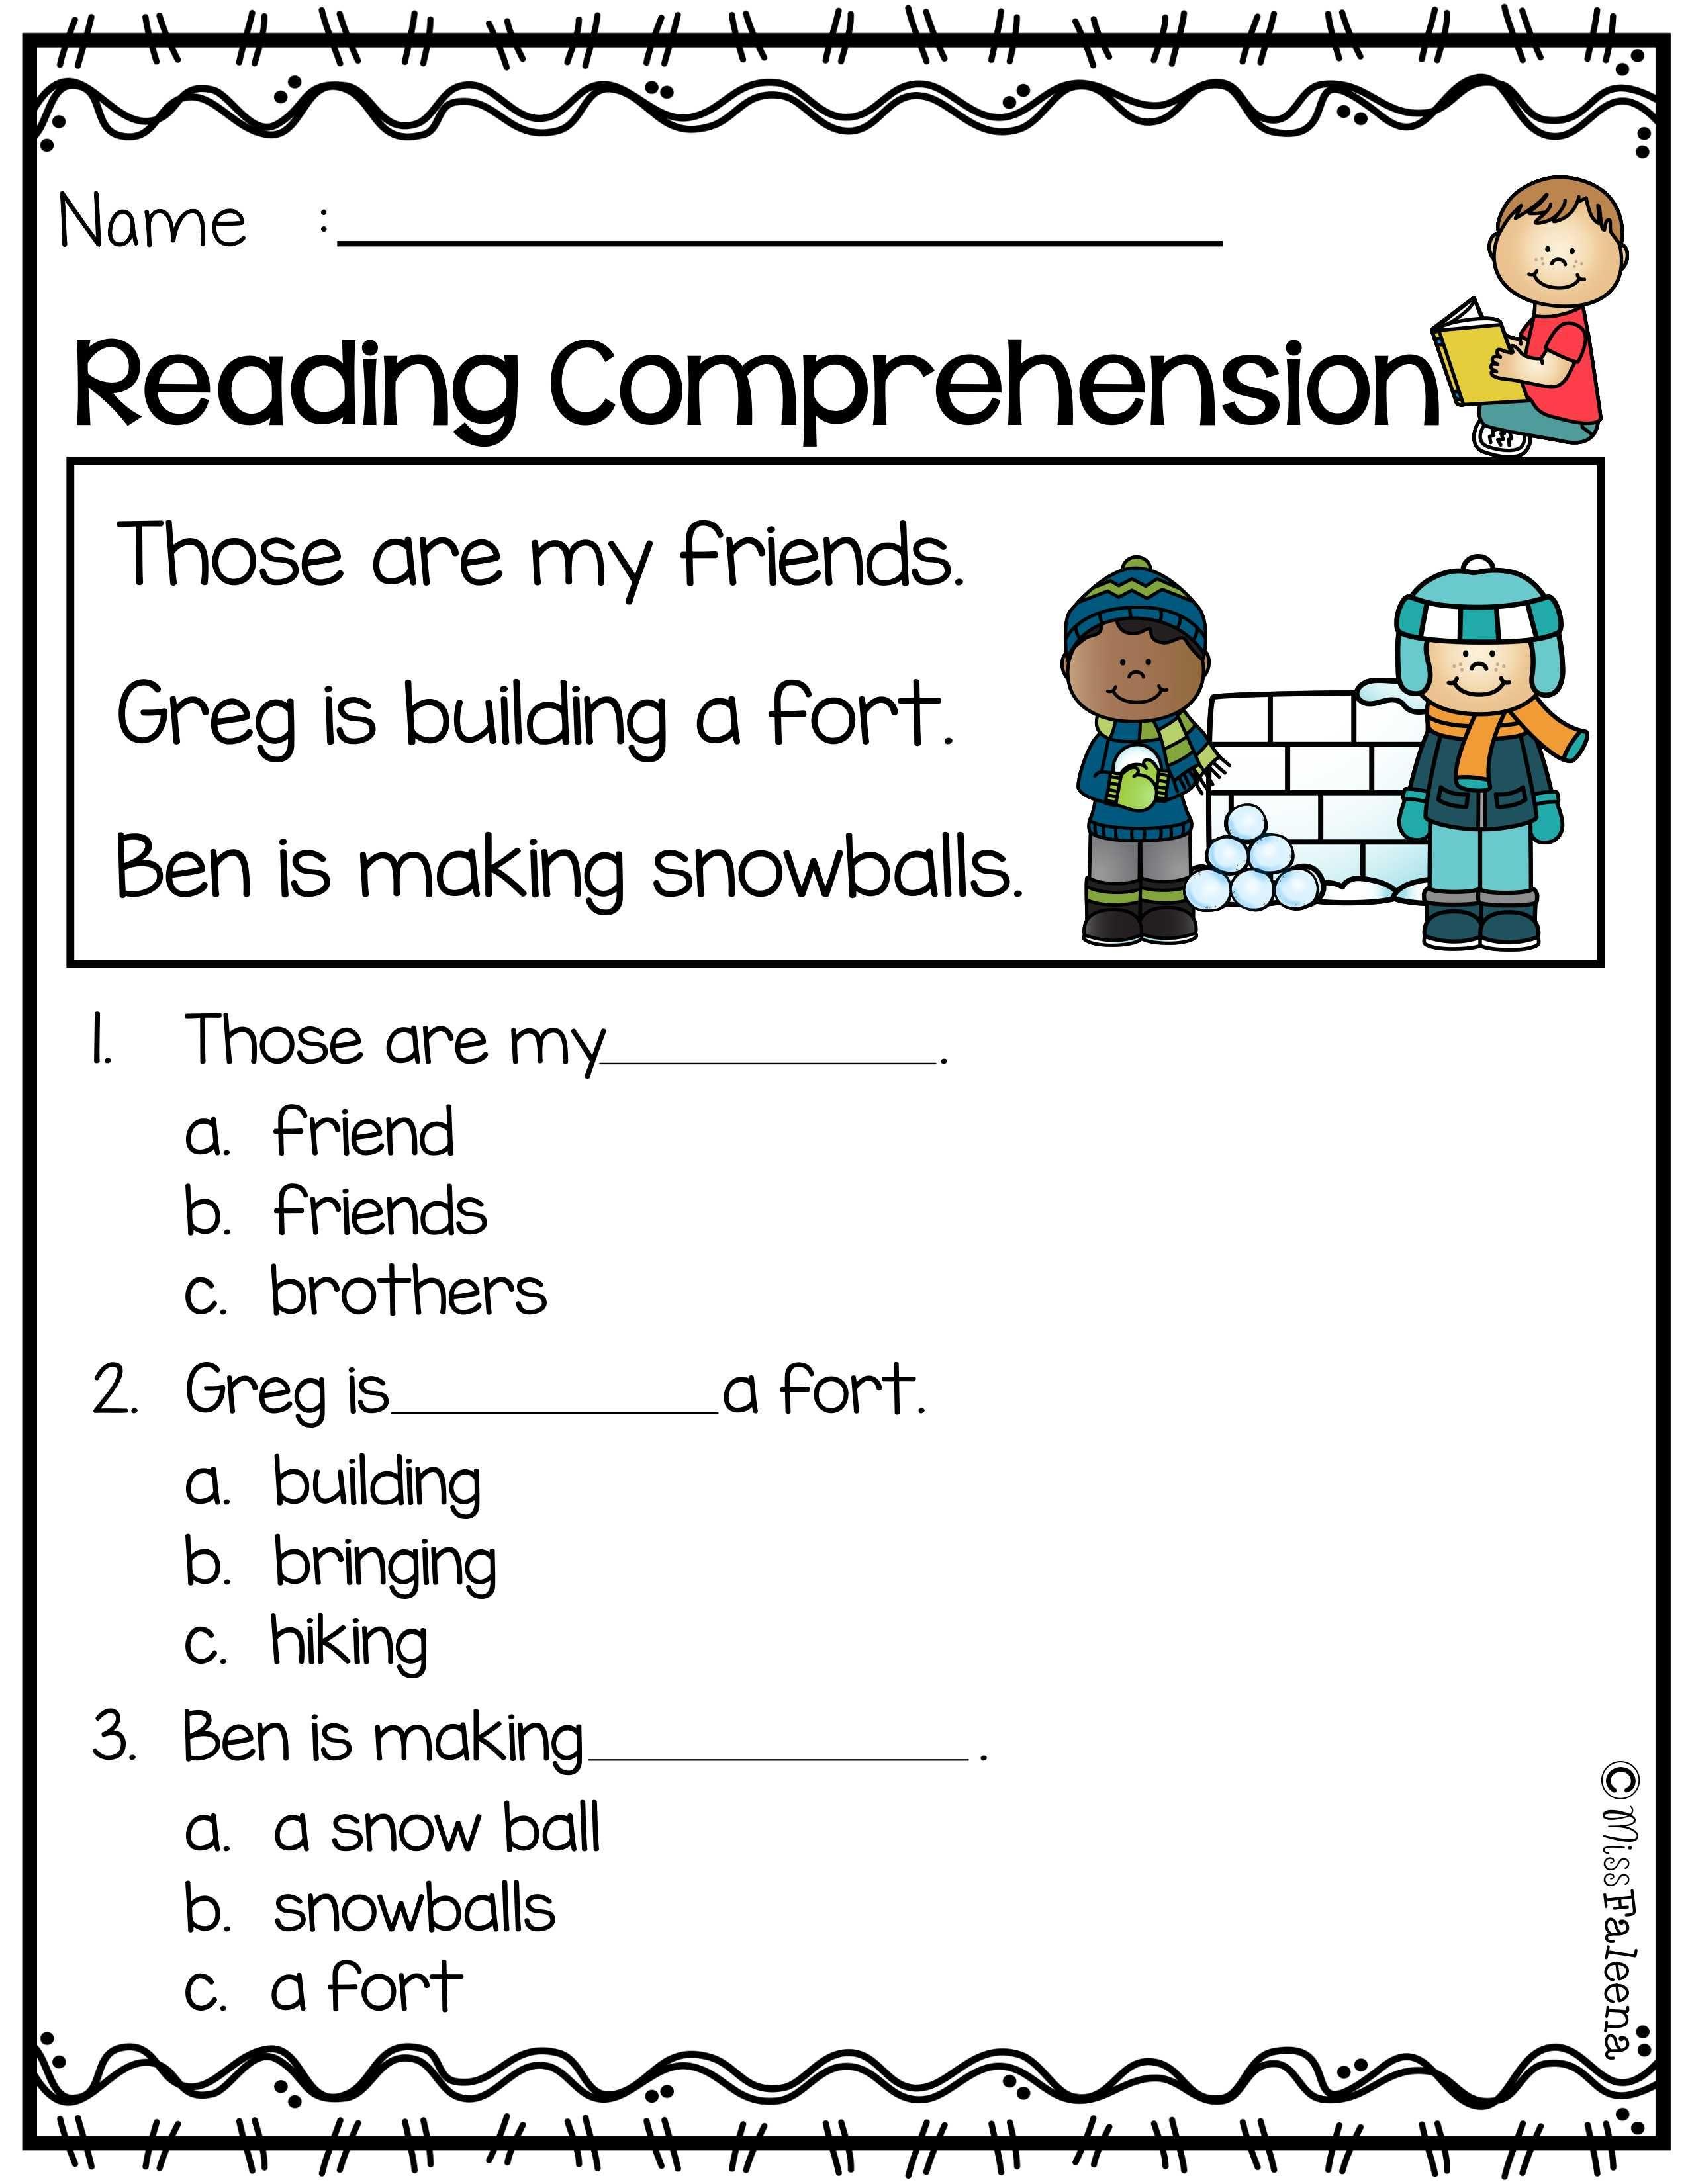 Worksheets Sentence Comprehension Worksheets january reading comprehension worksheets comprehension